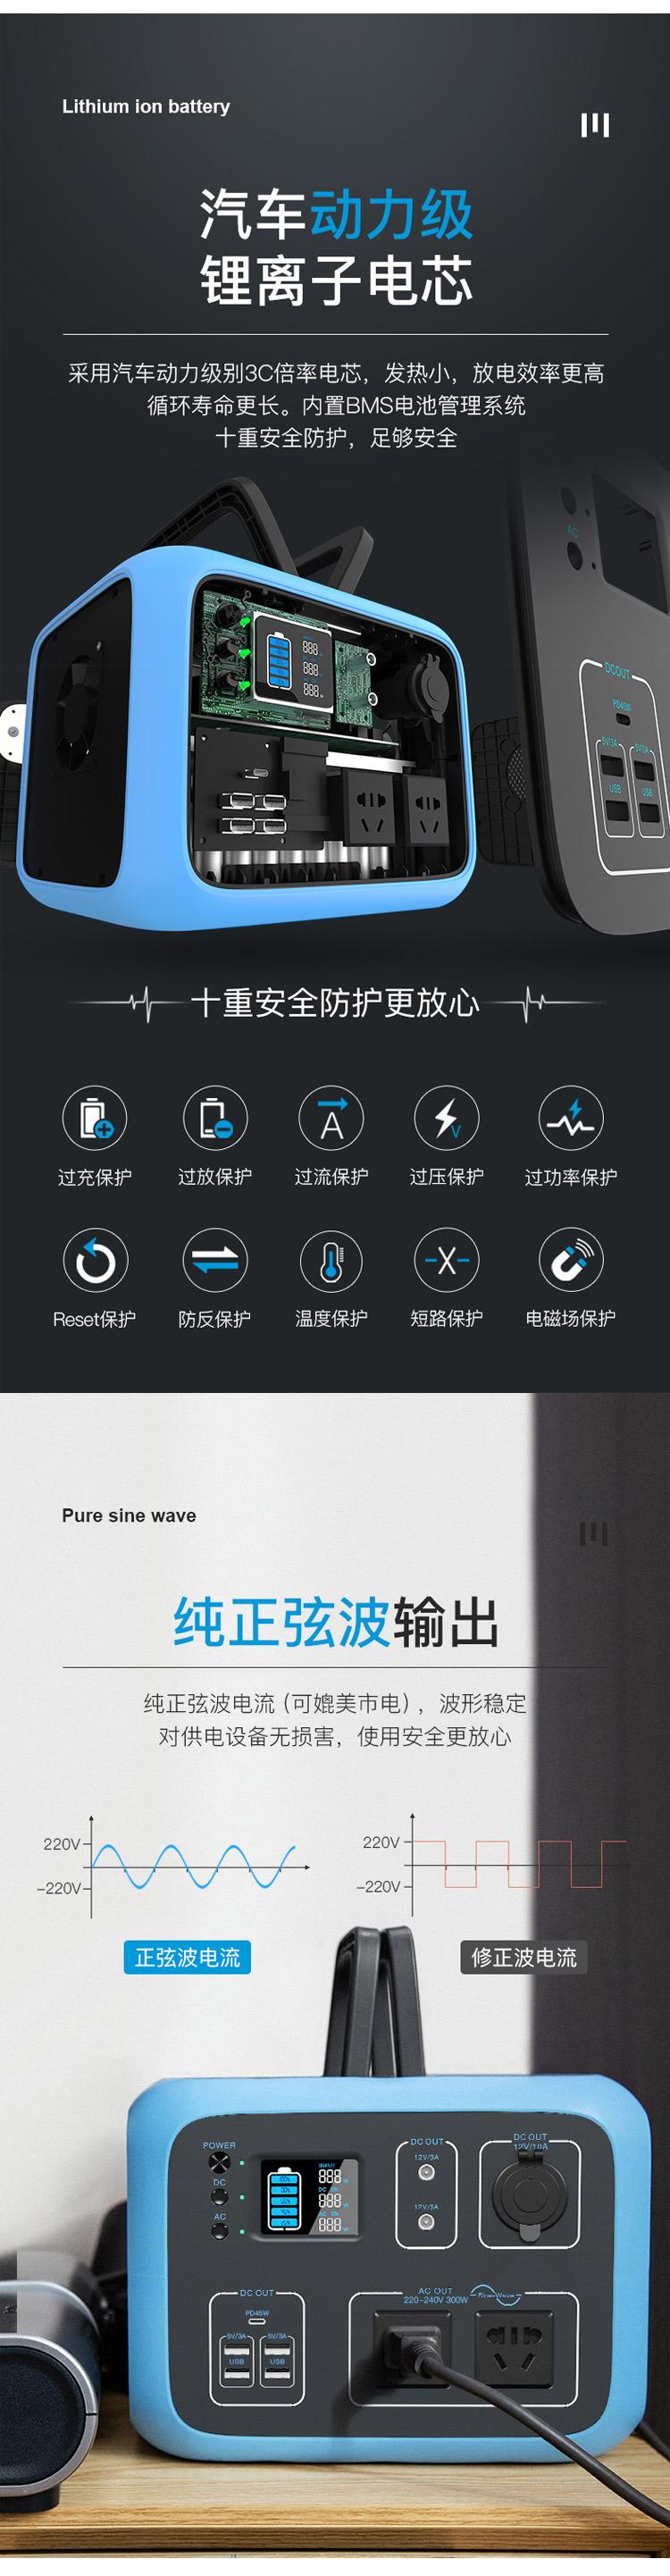 铂陆帝户外电源AC50产品详情图_06.jpg